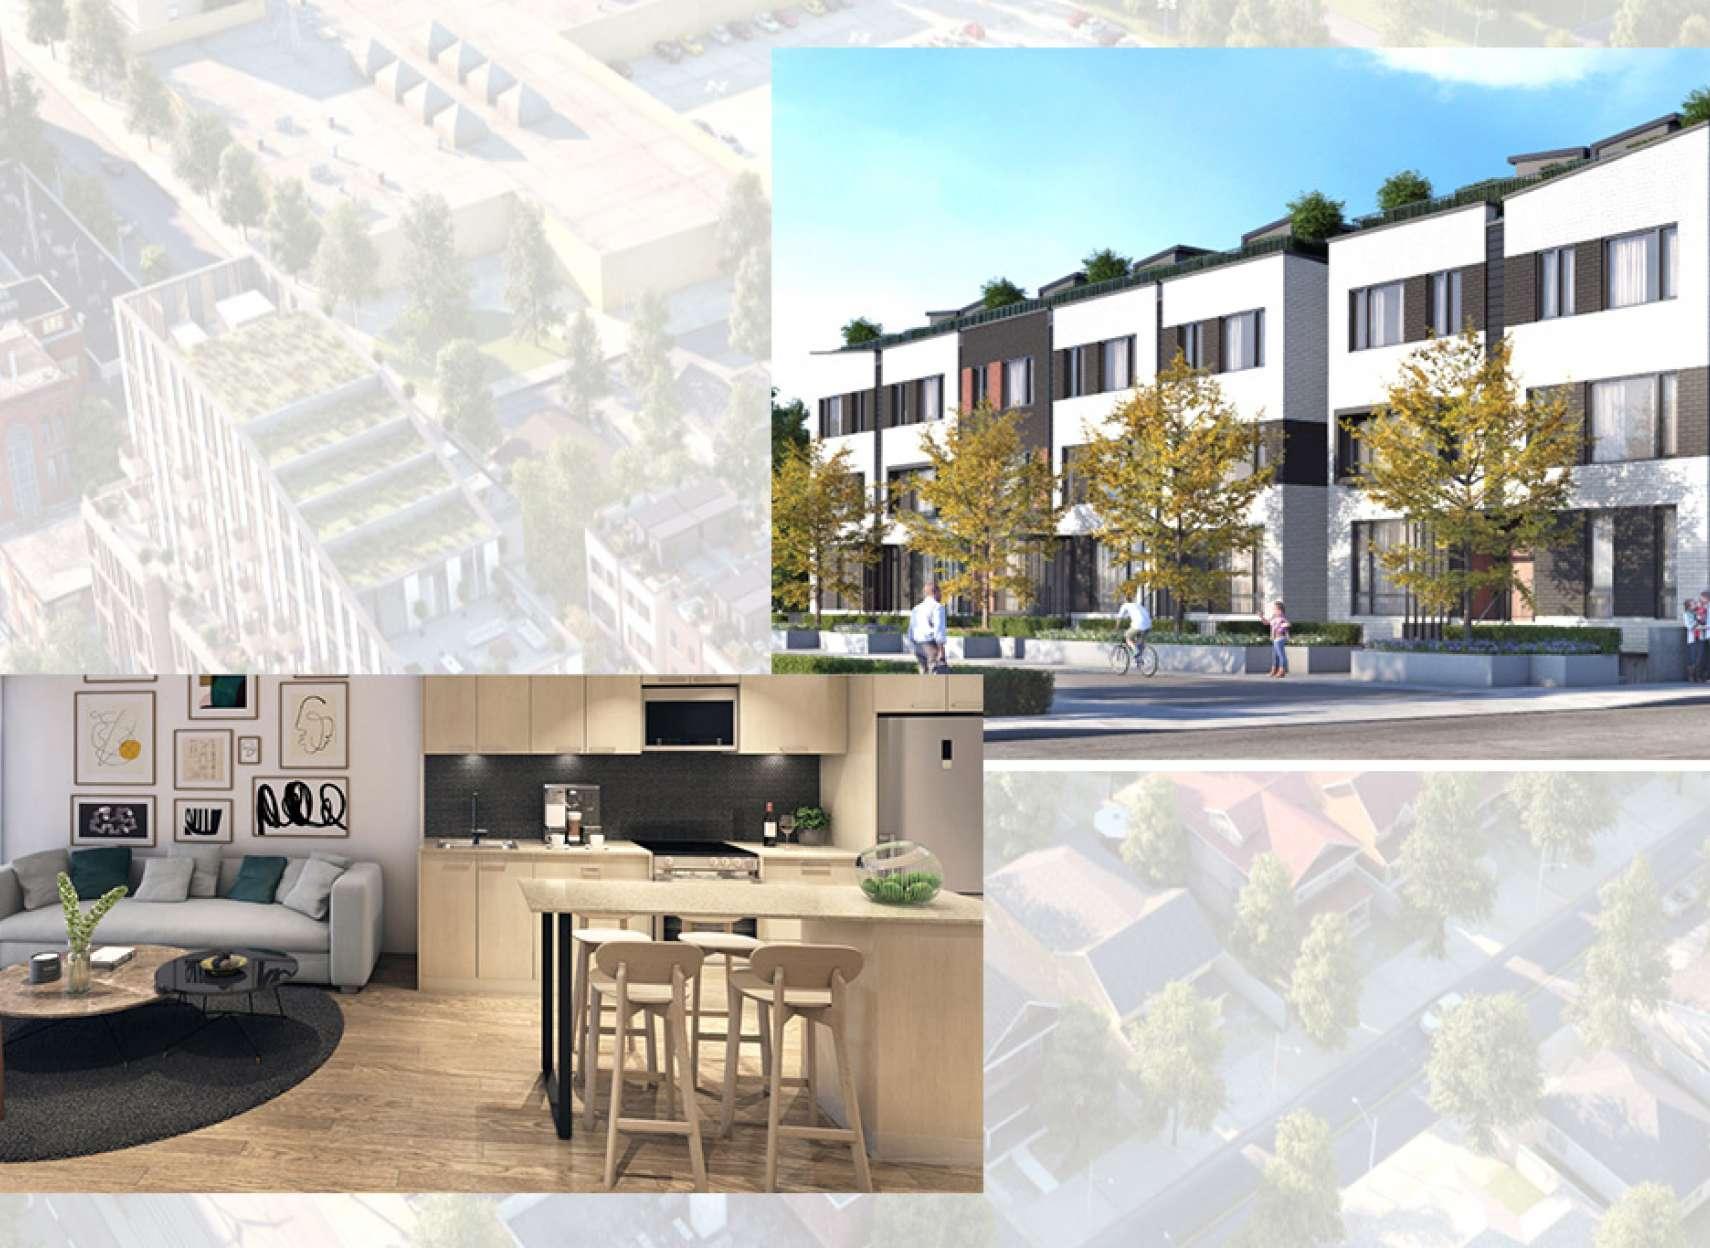 املاک-سیروسی-پیشخرید-استثنایی-آپارتمان-و-تاونهاوس-در-سنت-کلر-و-دافرین